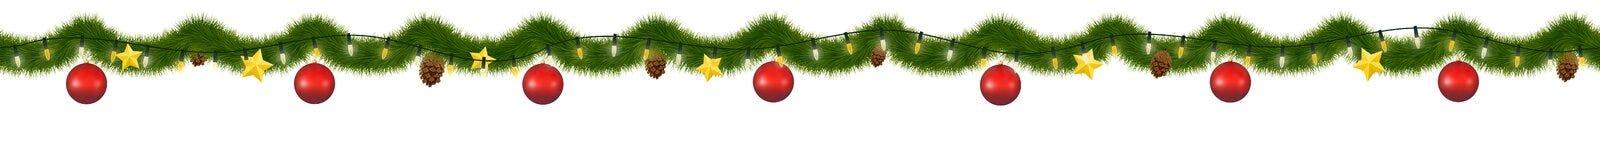 Grüne Weihnachtsgirlande für Dekoration und Website vektor abbildung